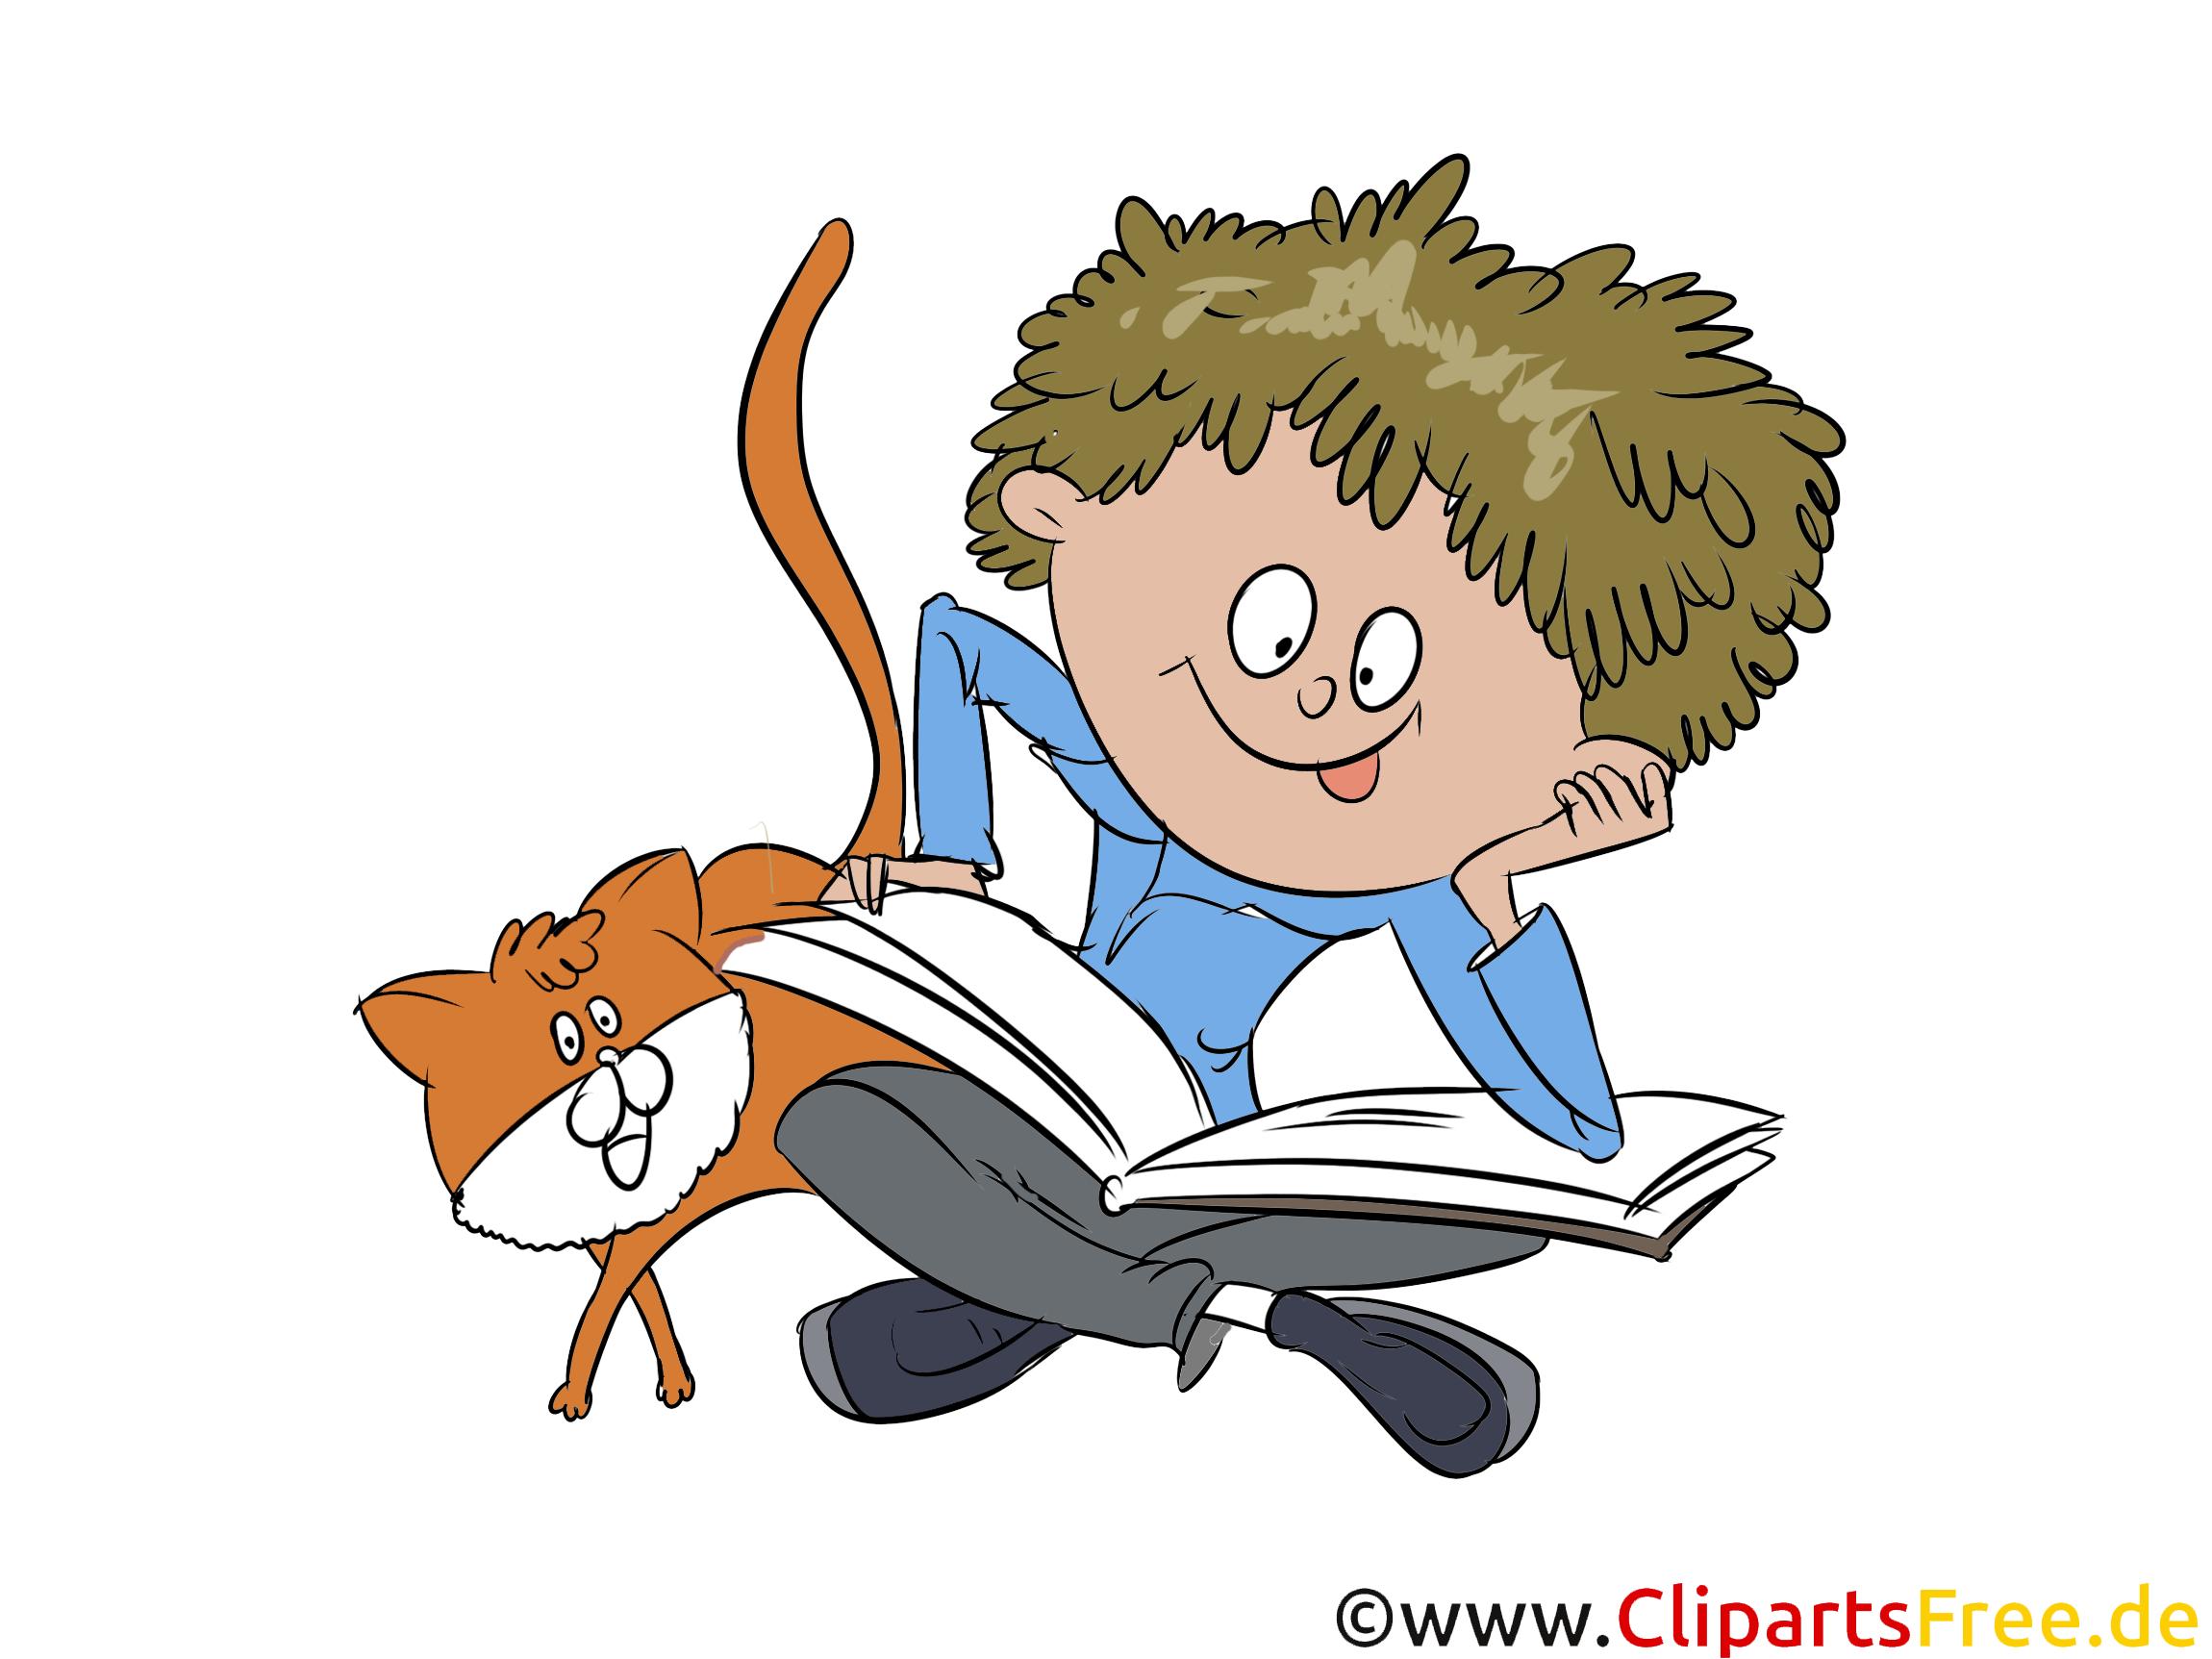 Sch ler junge liest ein buch illustration bild grafik for Schule grafik